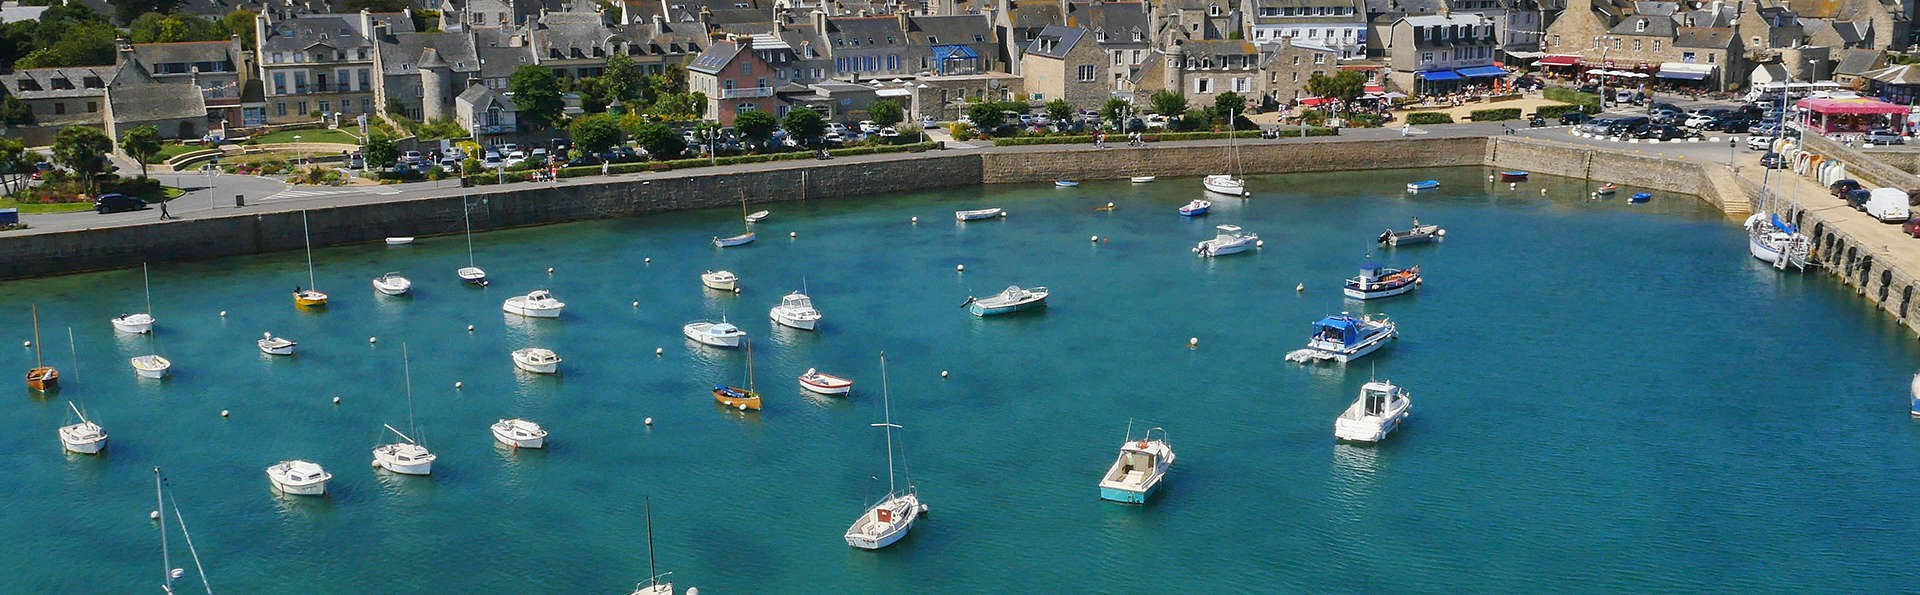 Relais & Châteaux Le Brittany & Spa - EDIT_destination3.jpg